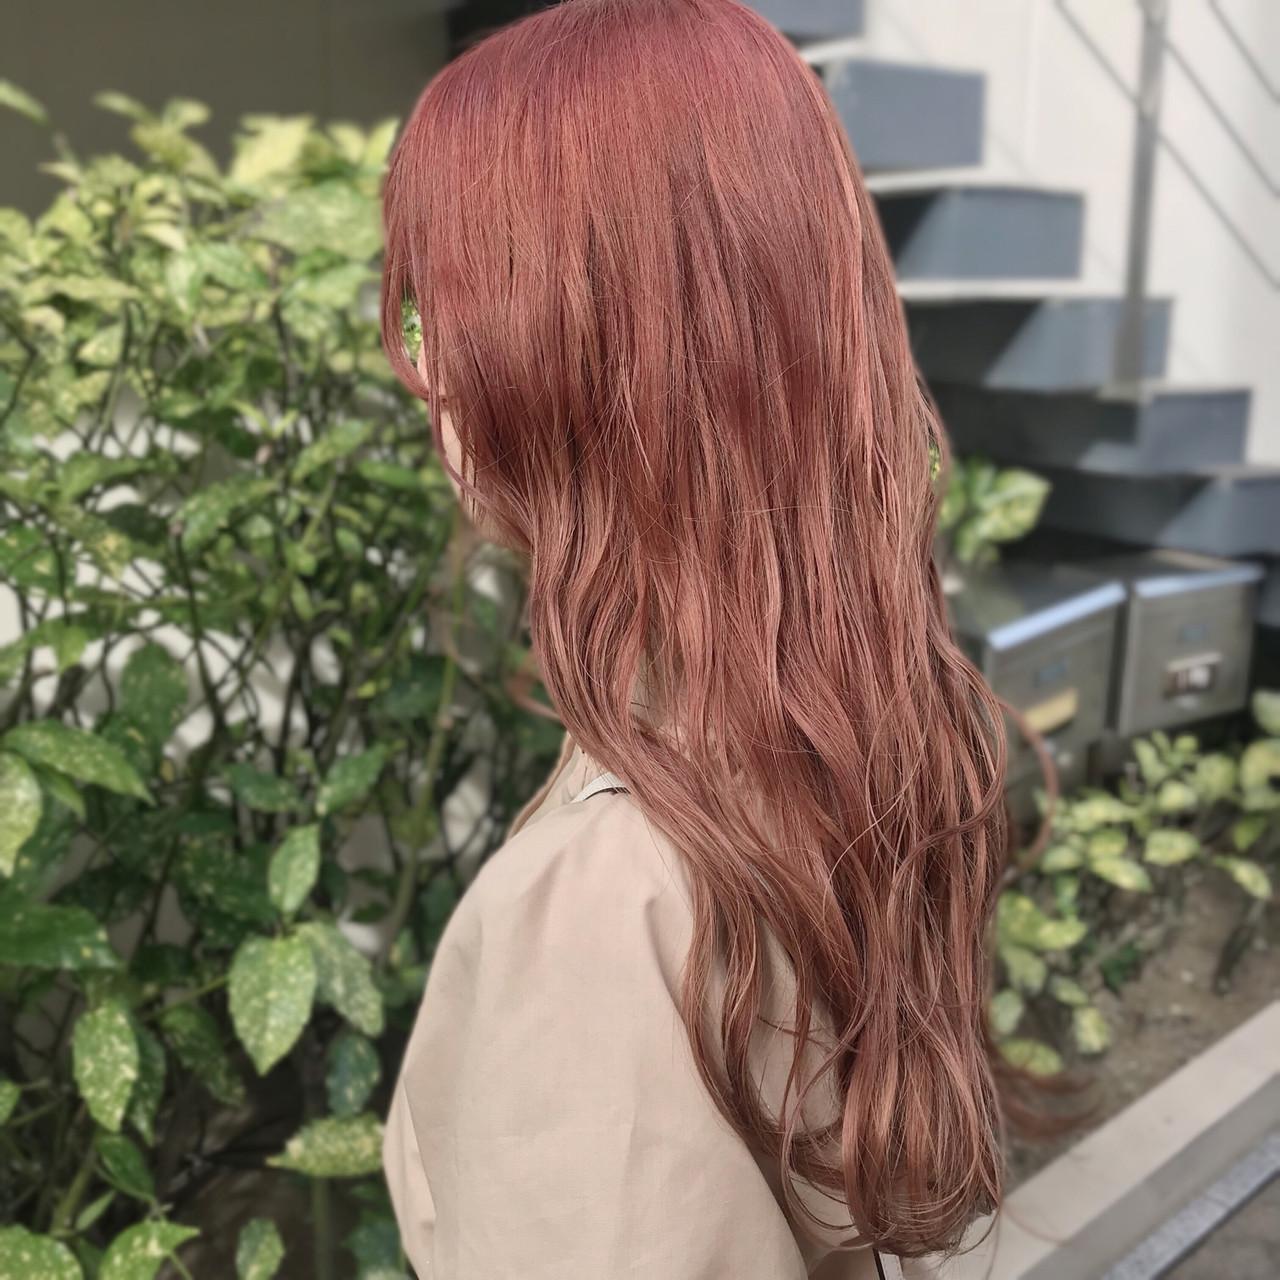 ダブルカラー ベージュカラー ガーリー ハイトーン ヘアスタイルや髪型の写真・画像